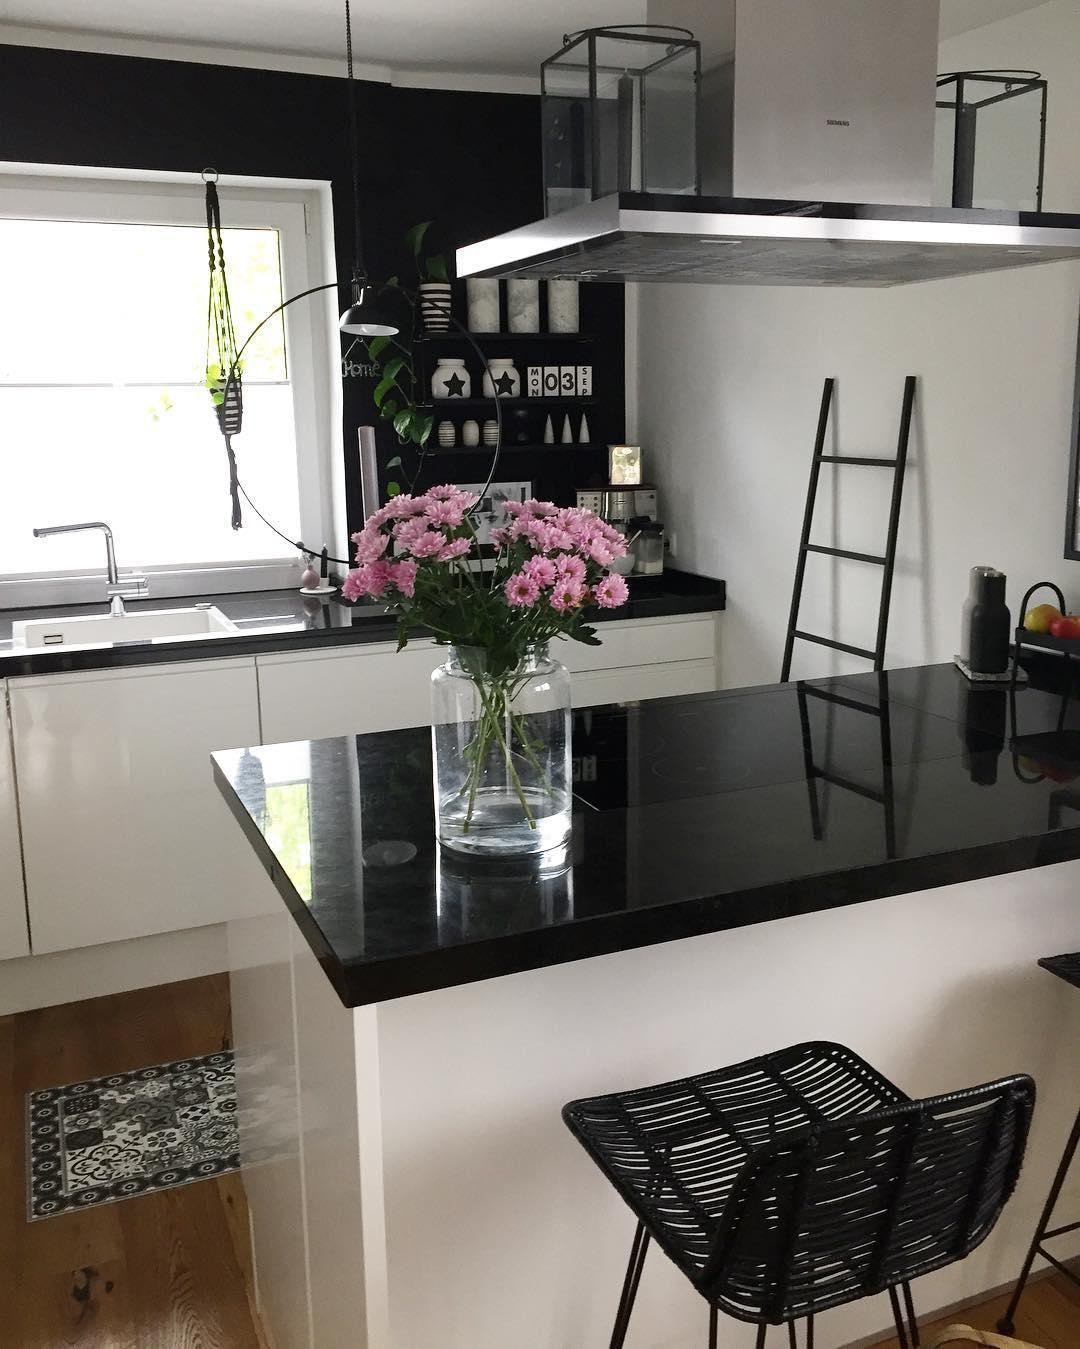 Monochrome Vibes Diese Küche Im Schwarz Weiß Look überzeugt Auf Ganzer Linie Unser Highlight Der Rattan Theken Innenarchitektur Design Für Zuhause Haus Deko